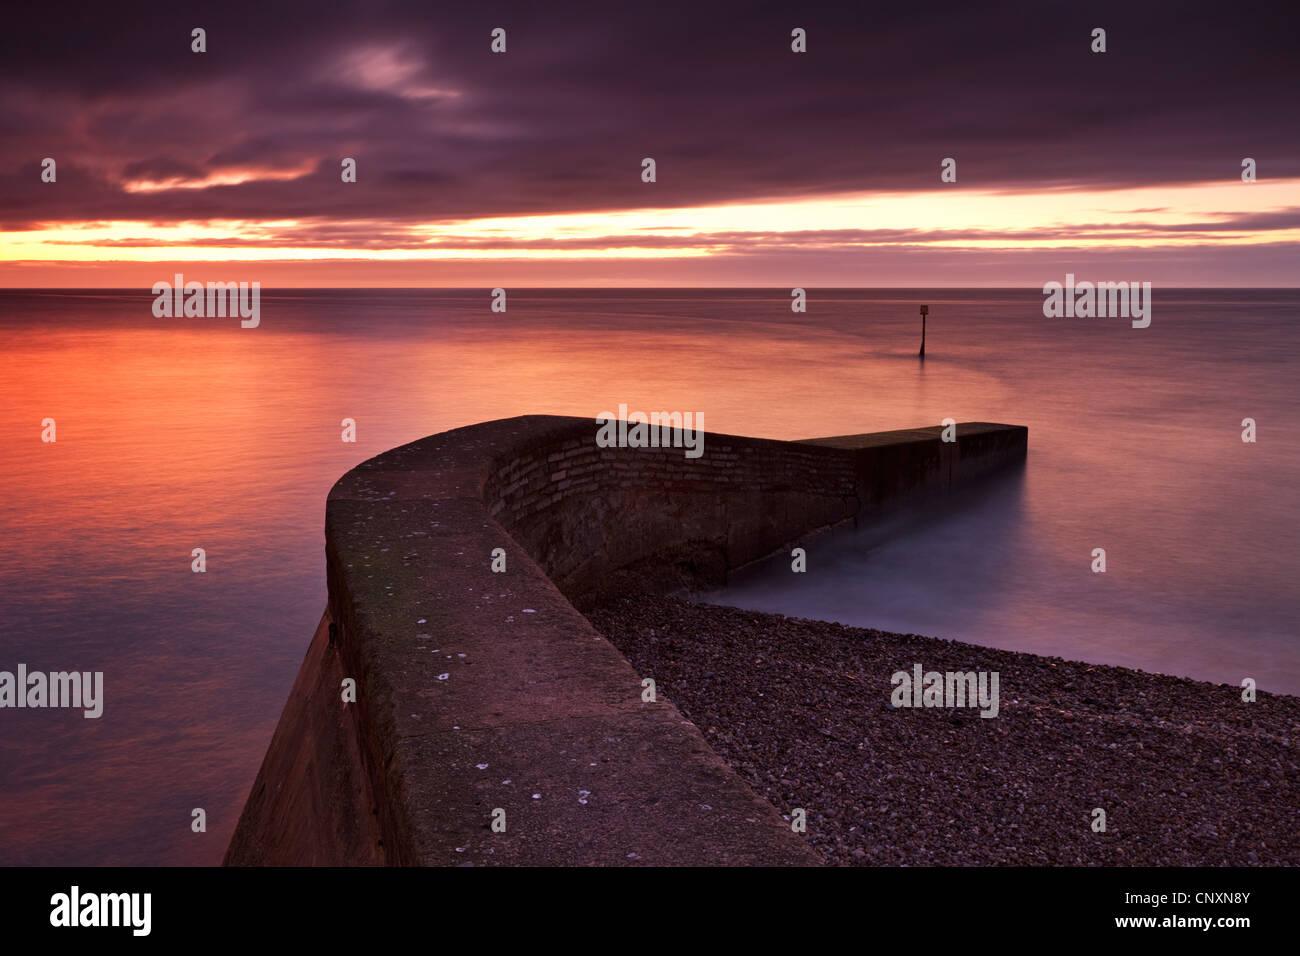 Stone jetty di Sidmouth spiaggia di sunrise, Sidmouth, Devon, Inghilterra. Inverno (gennaio 2012). Immagini Stock